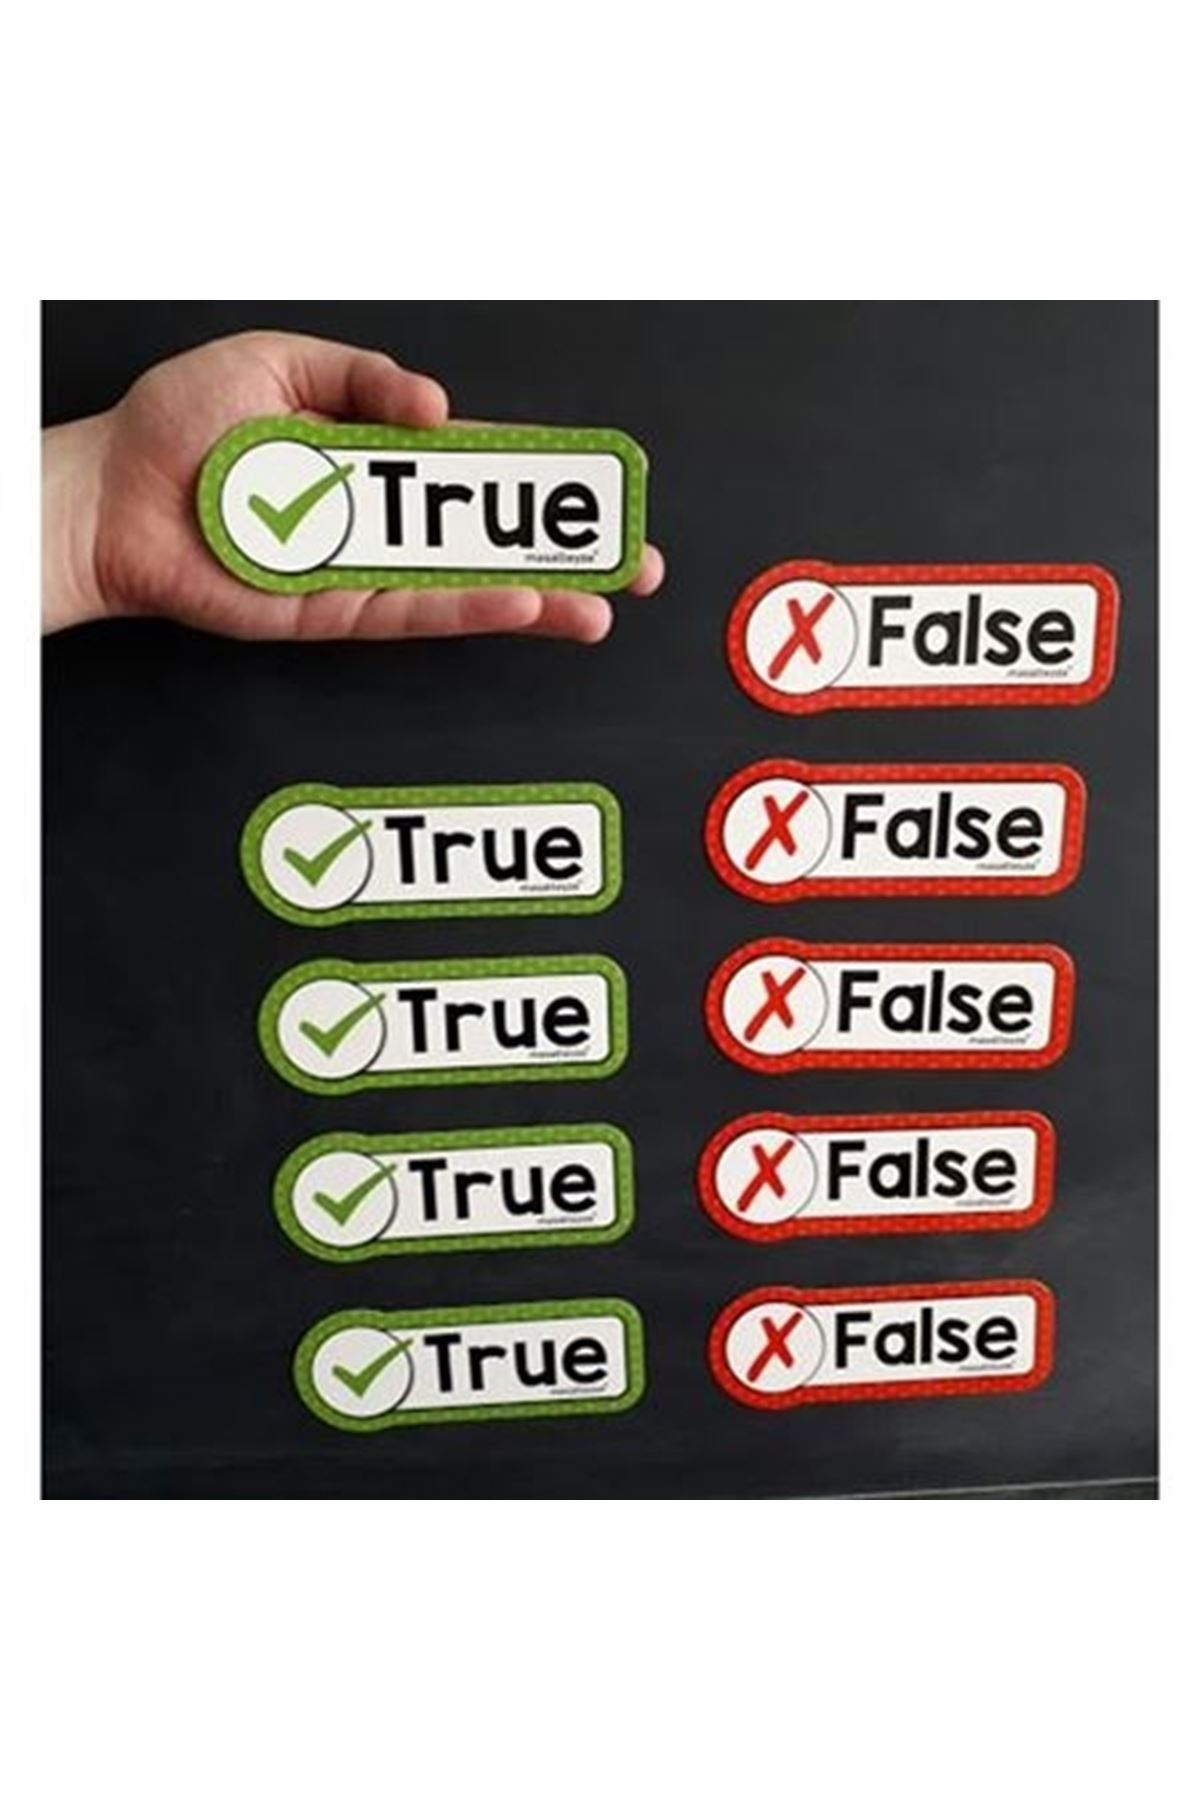 True-False set